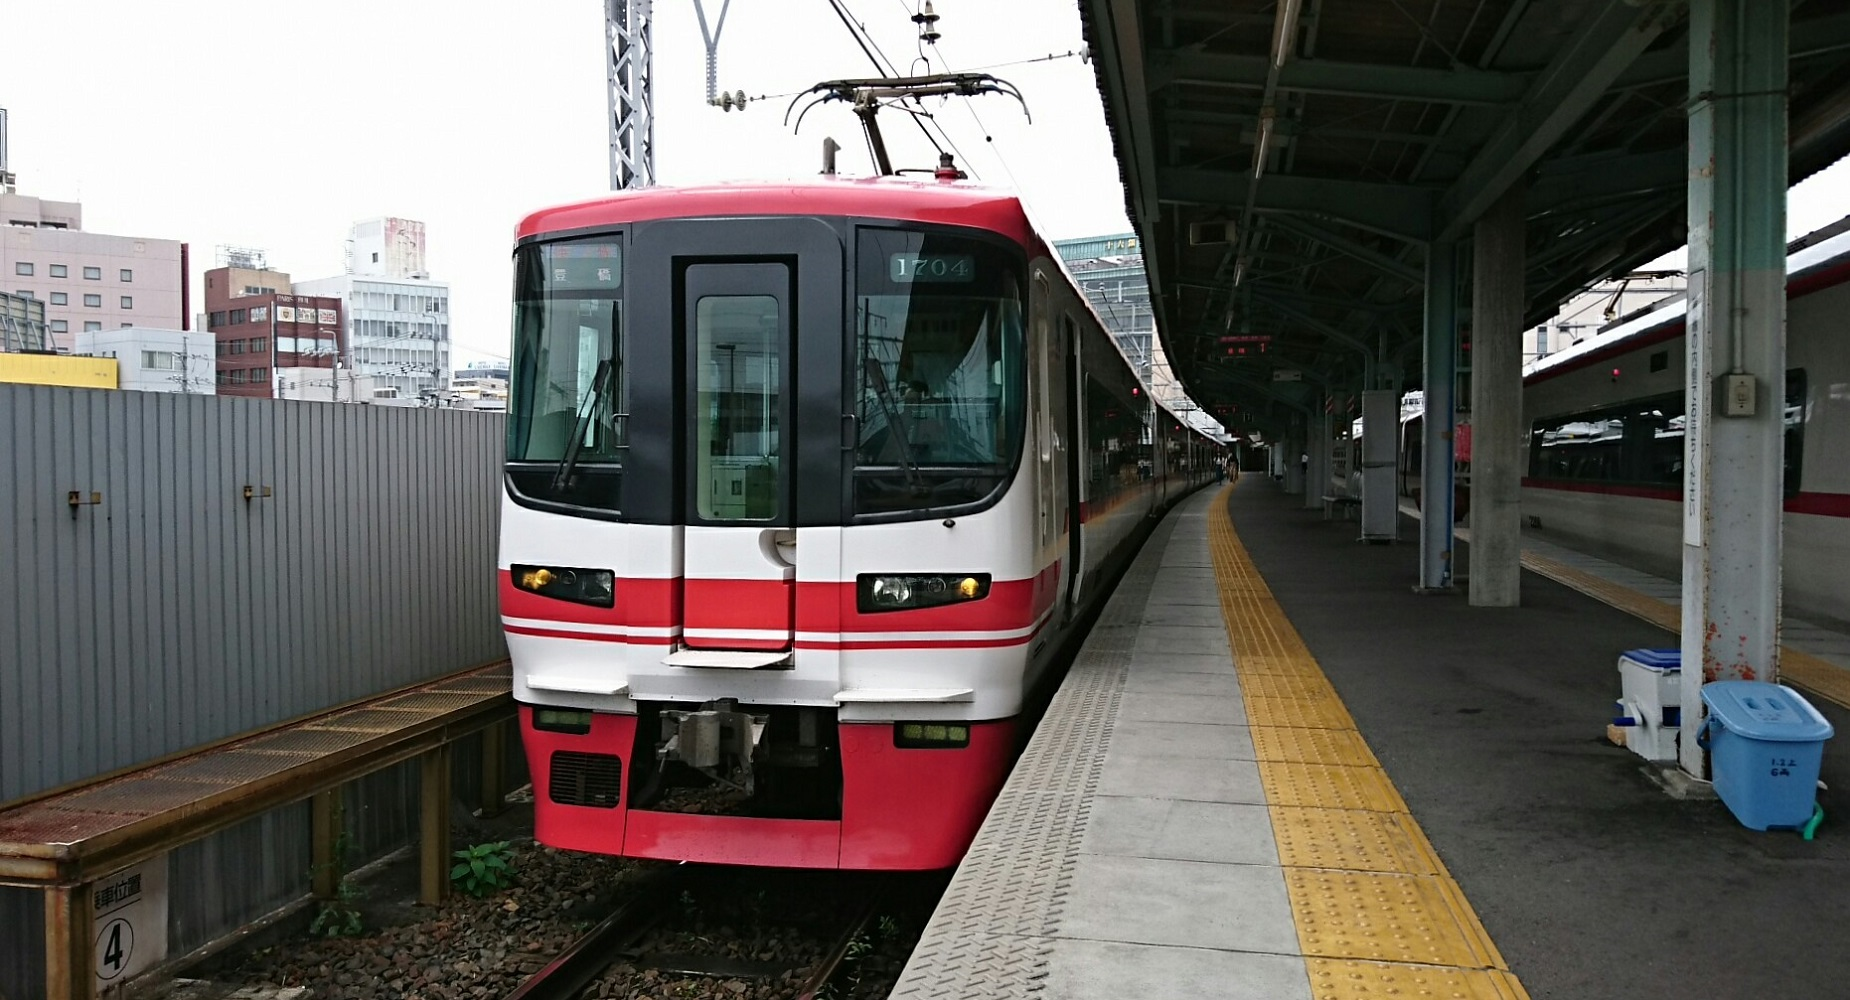 2018.6.28 (21あ) 岐阜 - 豊橋いき快速特急(まえ) 1850-1000